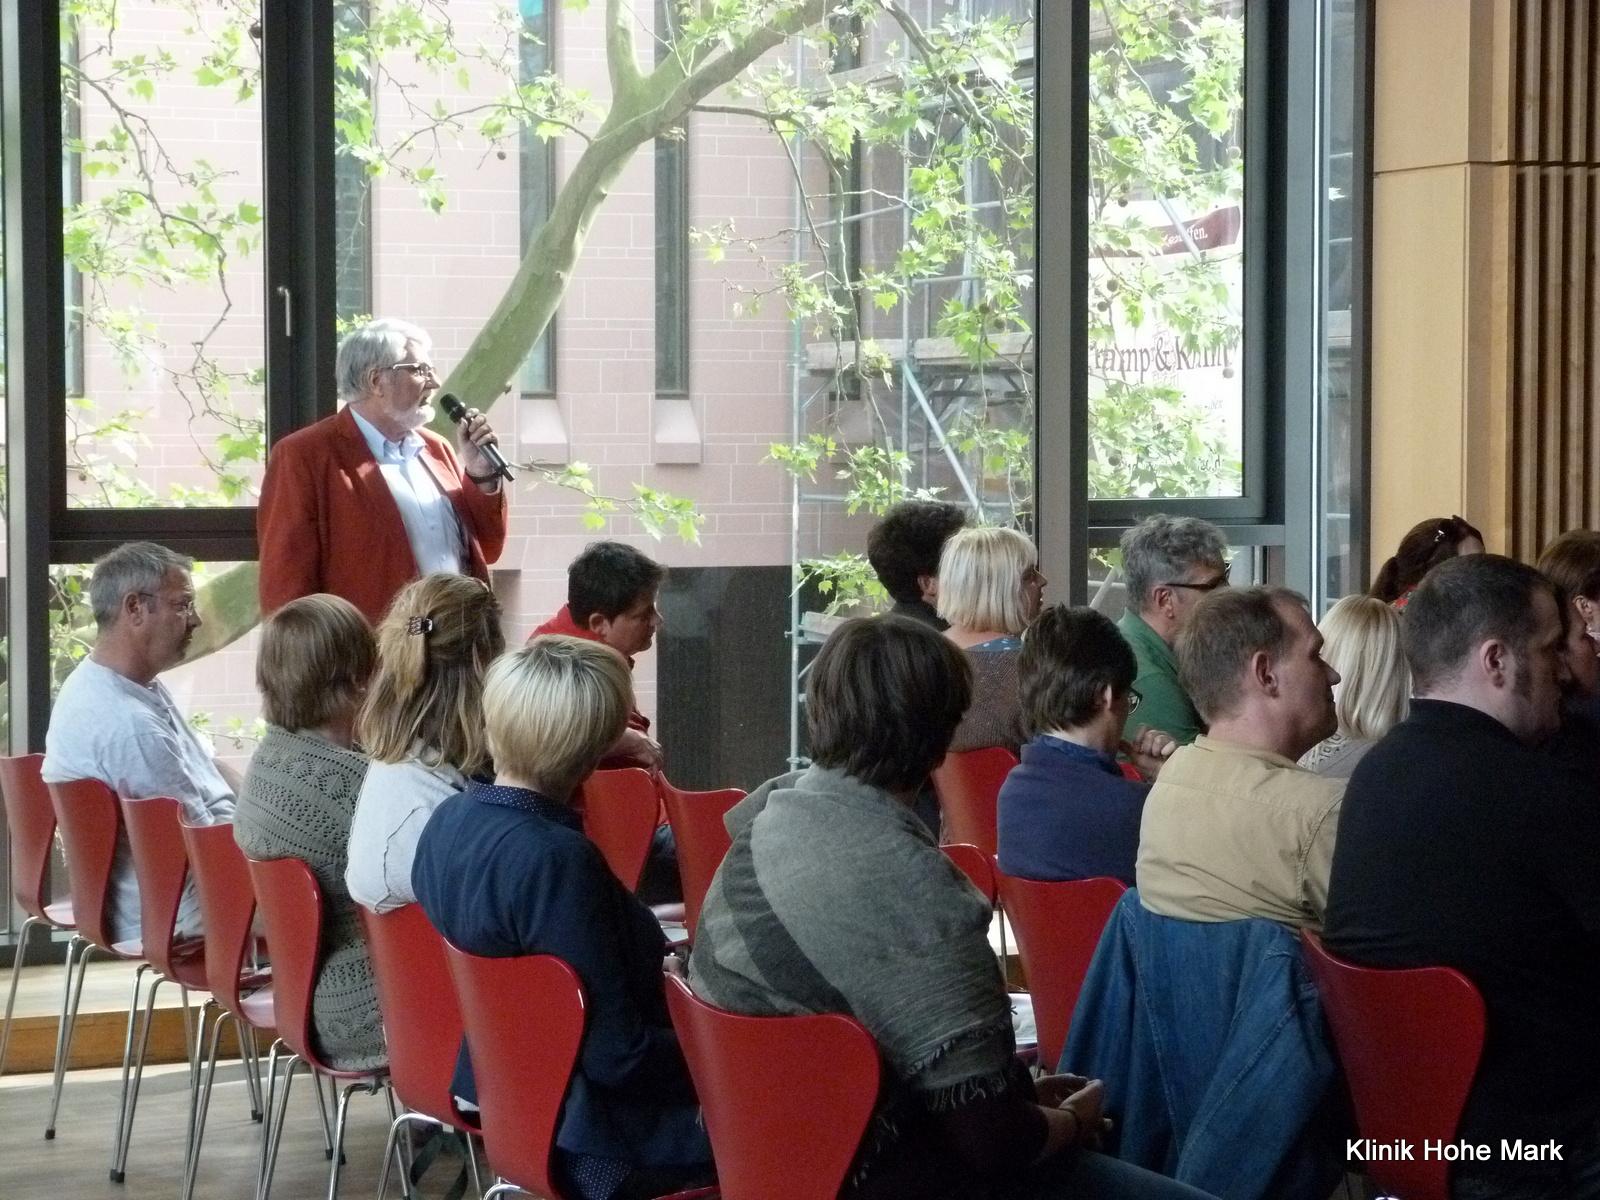 Grußwort der Frankfurter Stadträtin Rosemarie Heilig. Großer Saal im Haus am Dom, Frankfurt Julia Voigt und Chefarzt Dr. Dietmar Seehuber Fragen aus dem Publikum